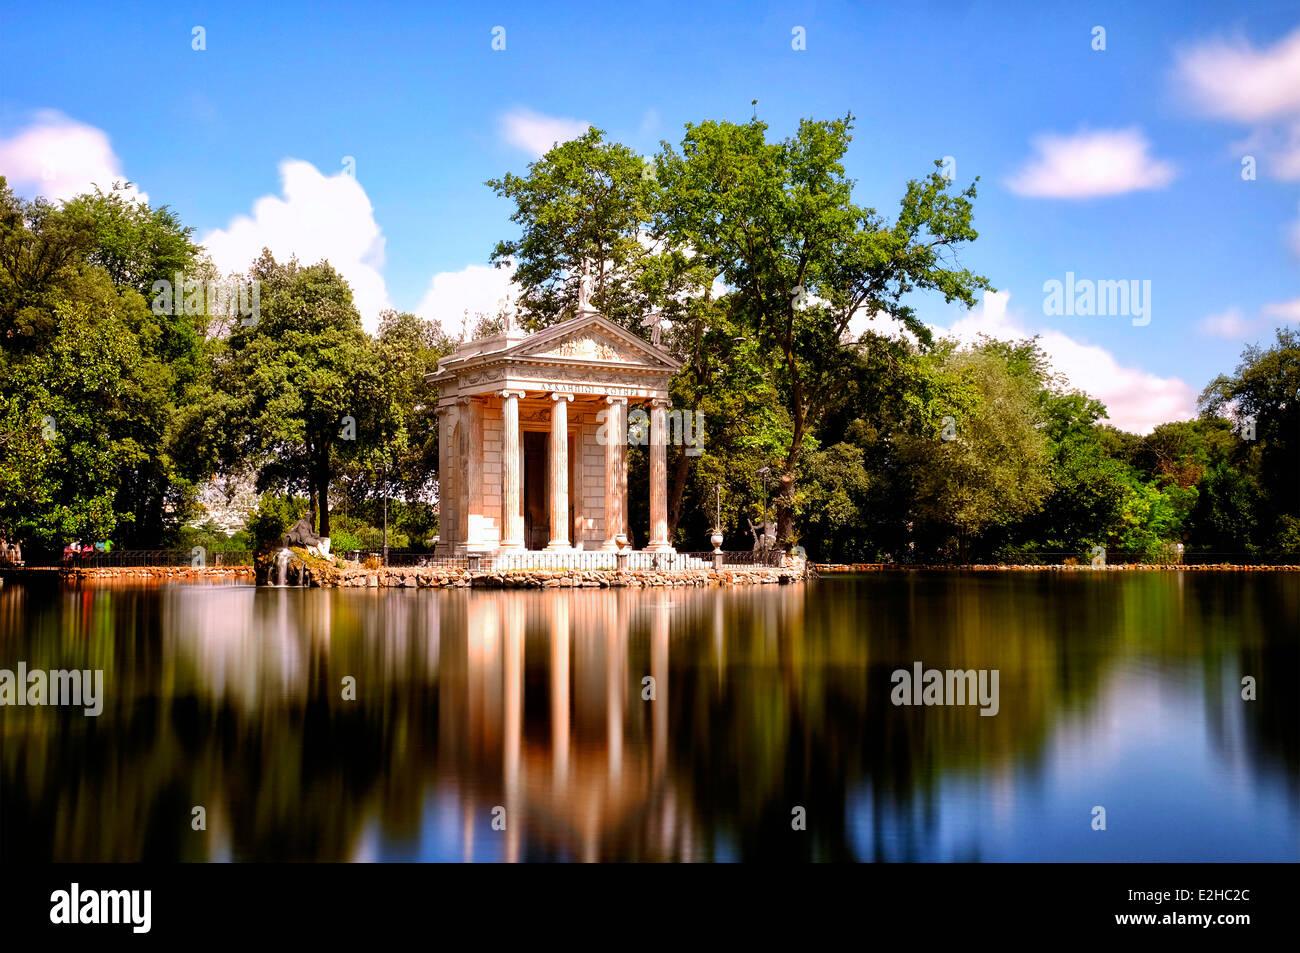 Laghetto di Villa Borghese, Rome, Italy - Stock Image